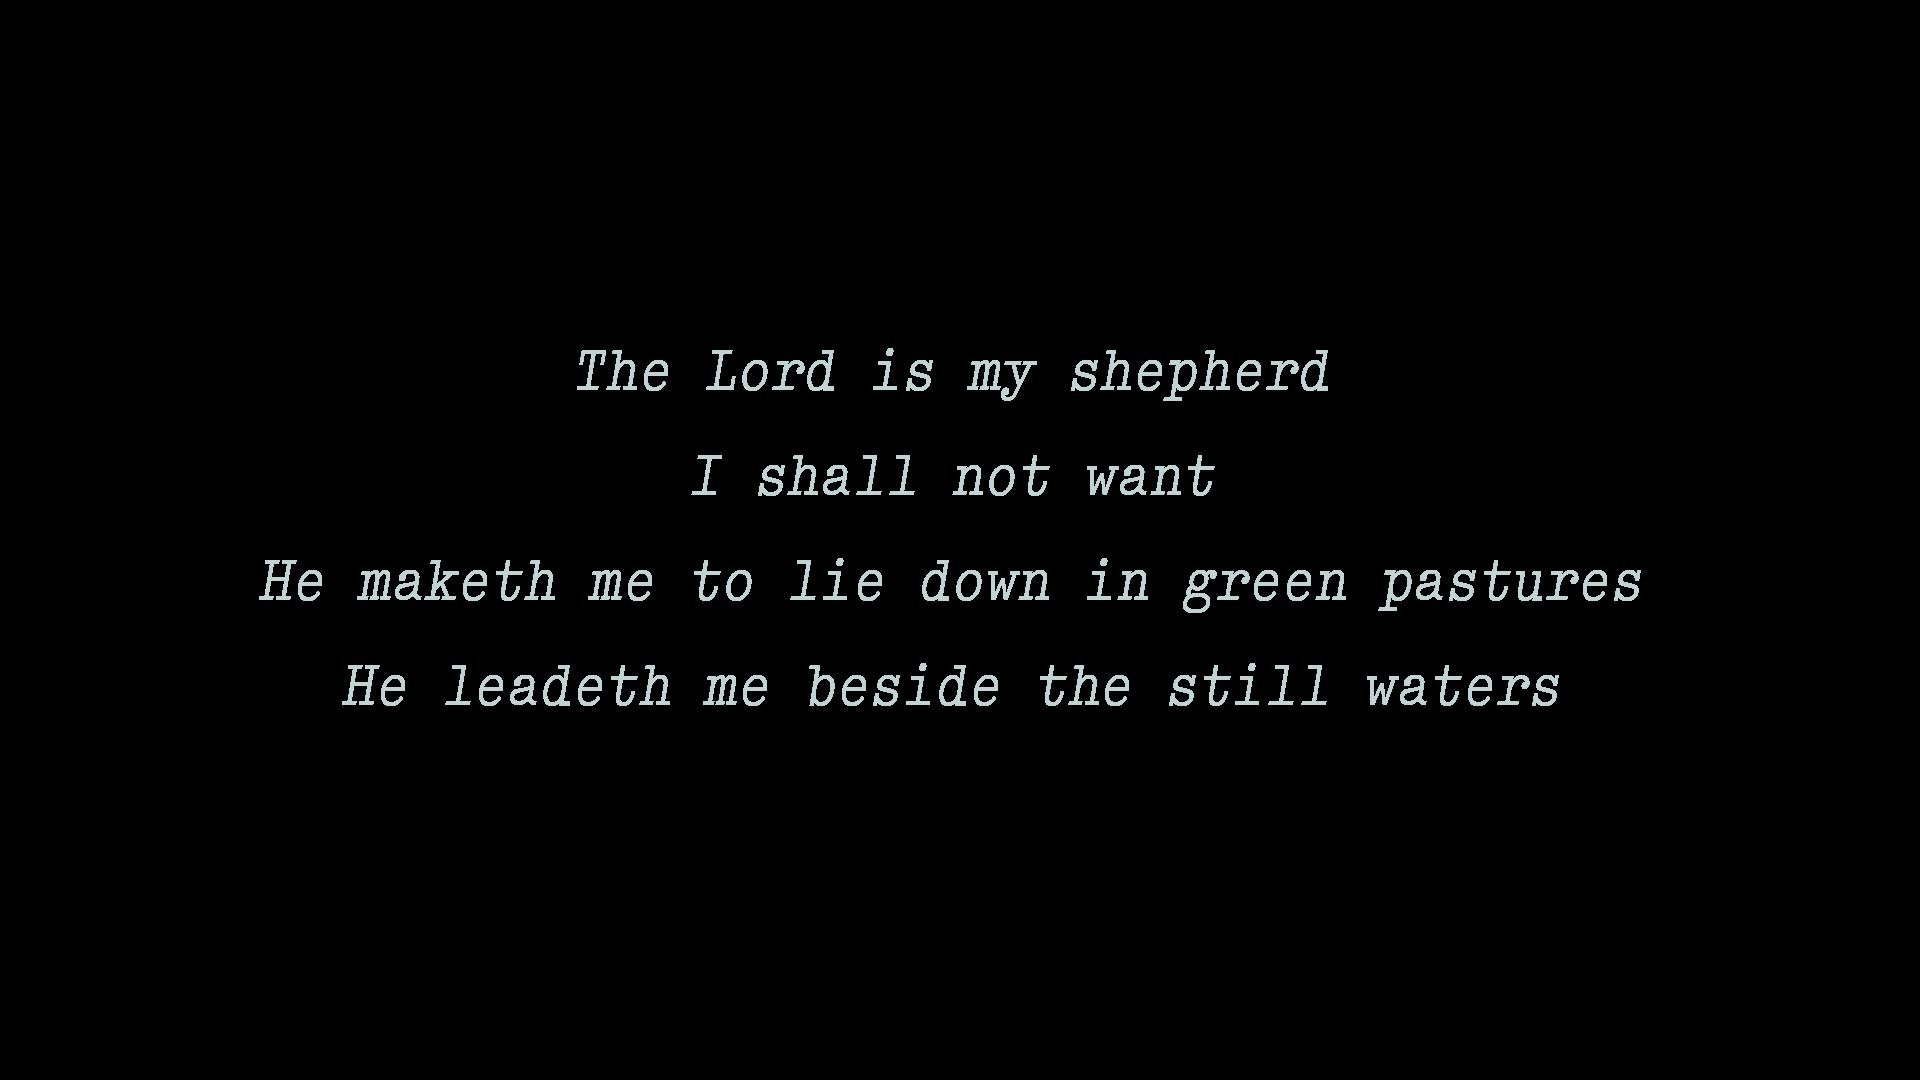 EP-23-1-shepherd.png